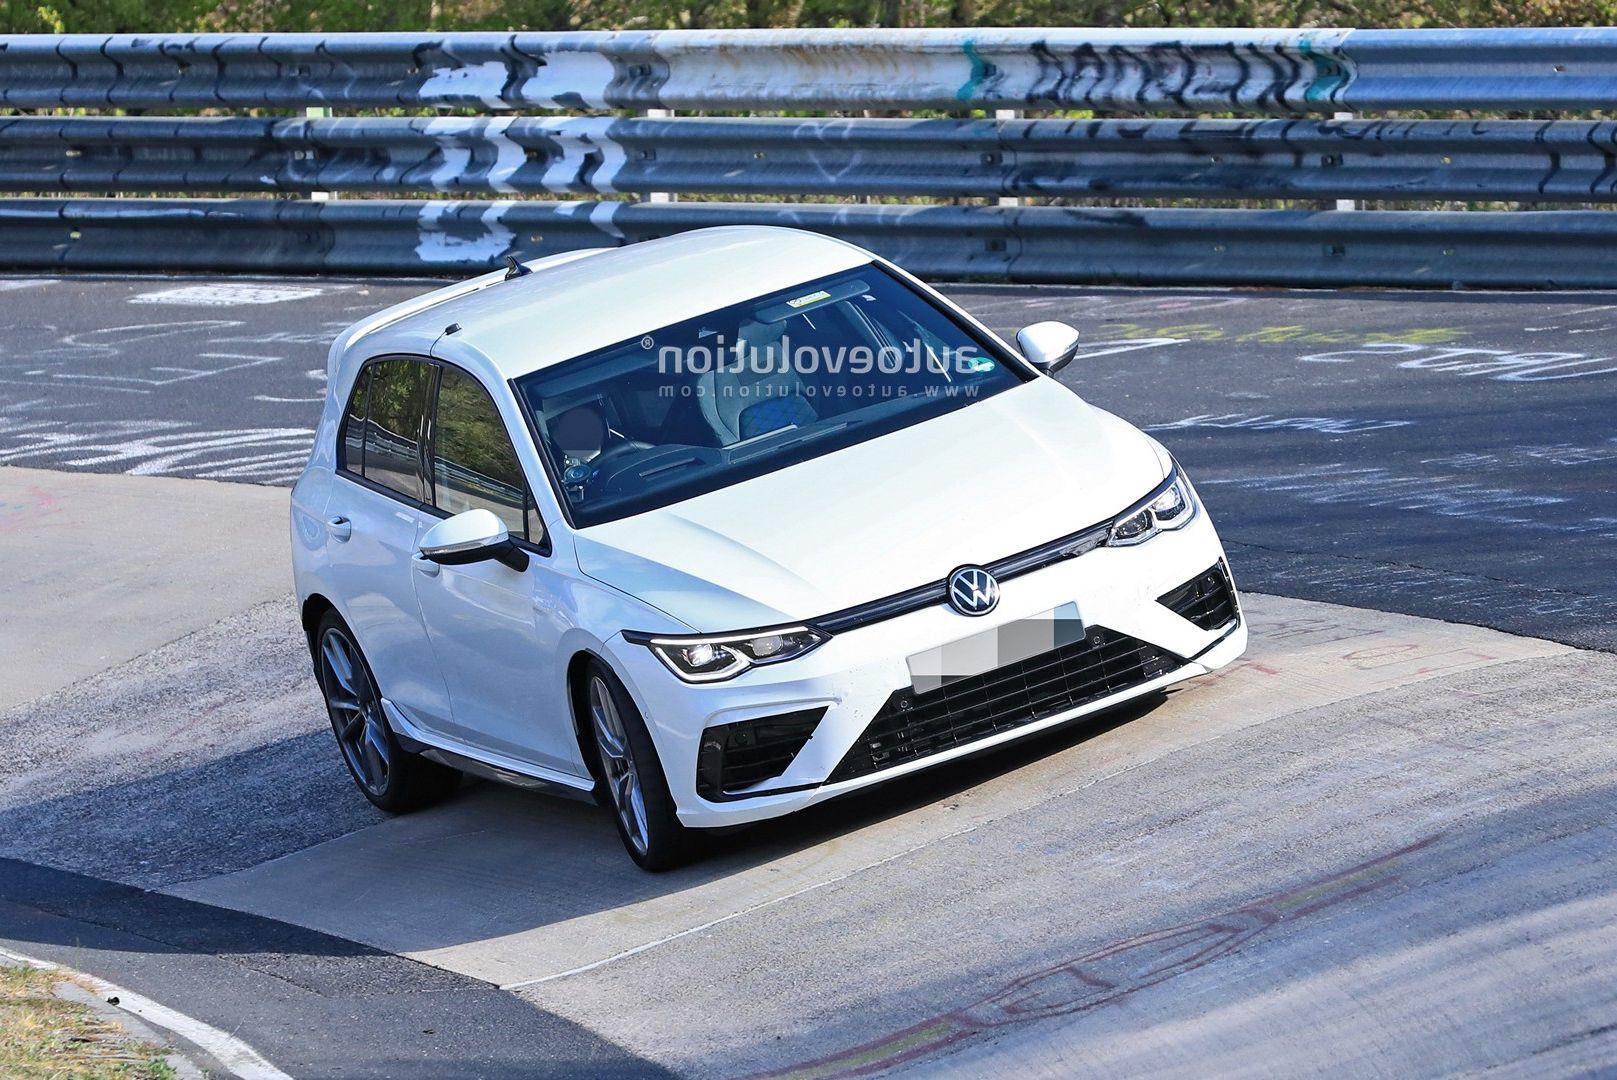 2021 Vw Golf 8 R Release Date Color Prices Volkswagen Volkswagen Golf Vw Golf